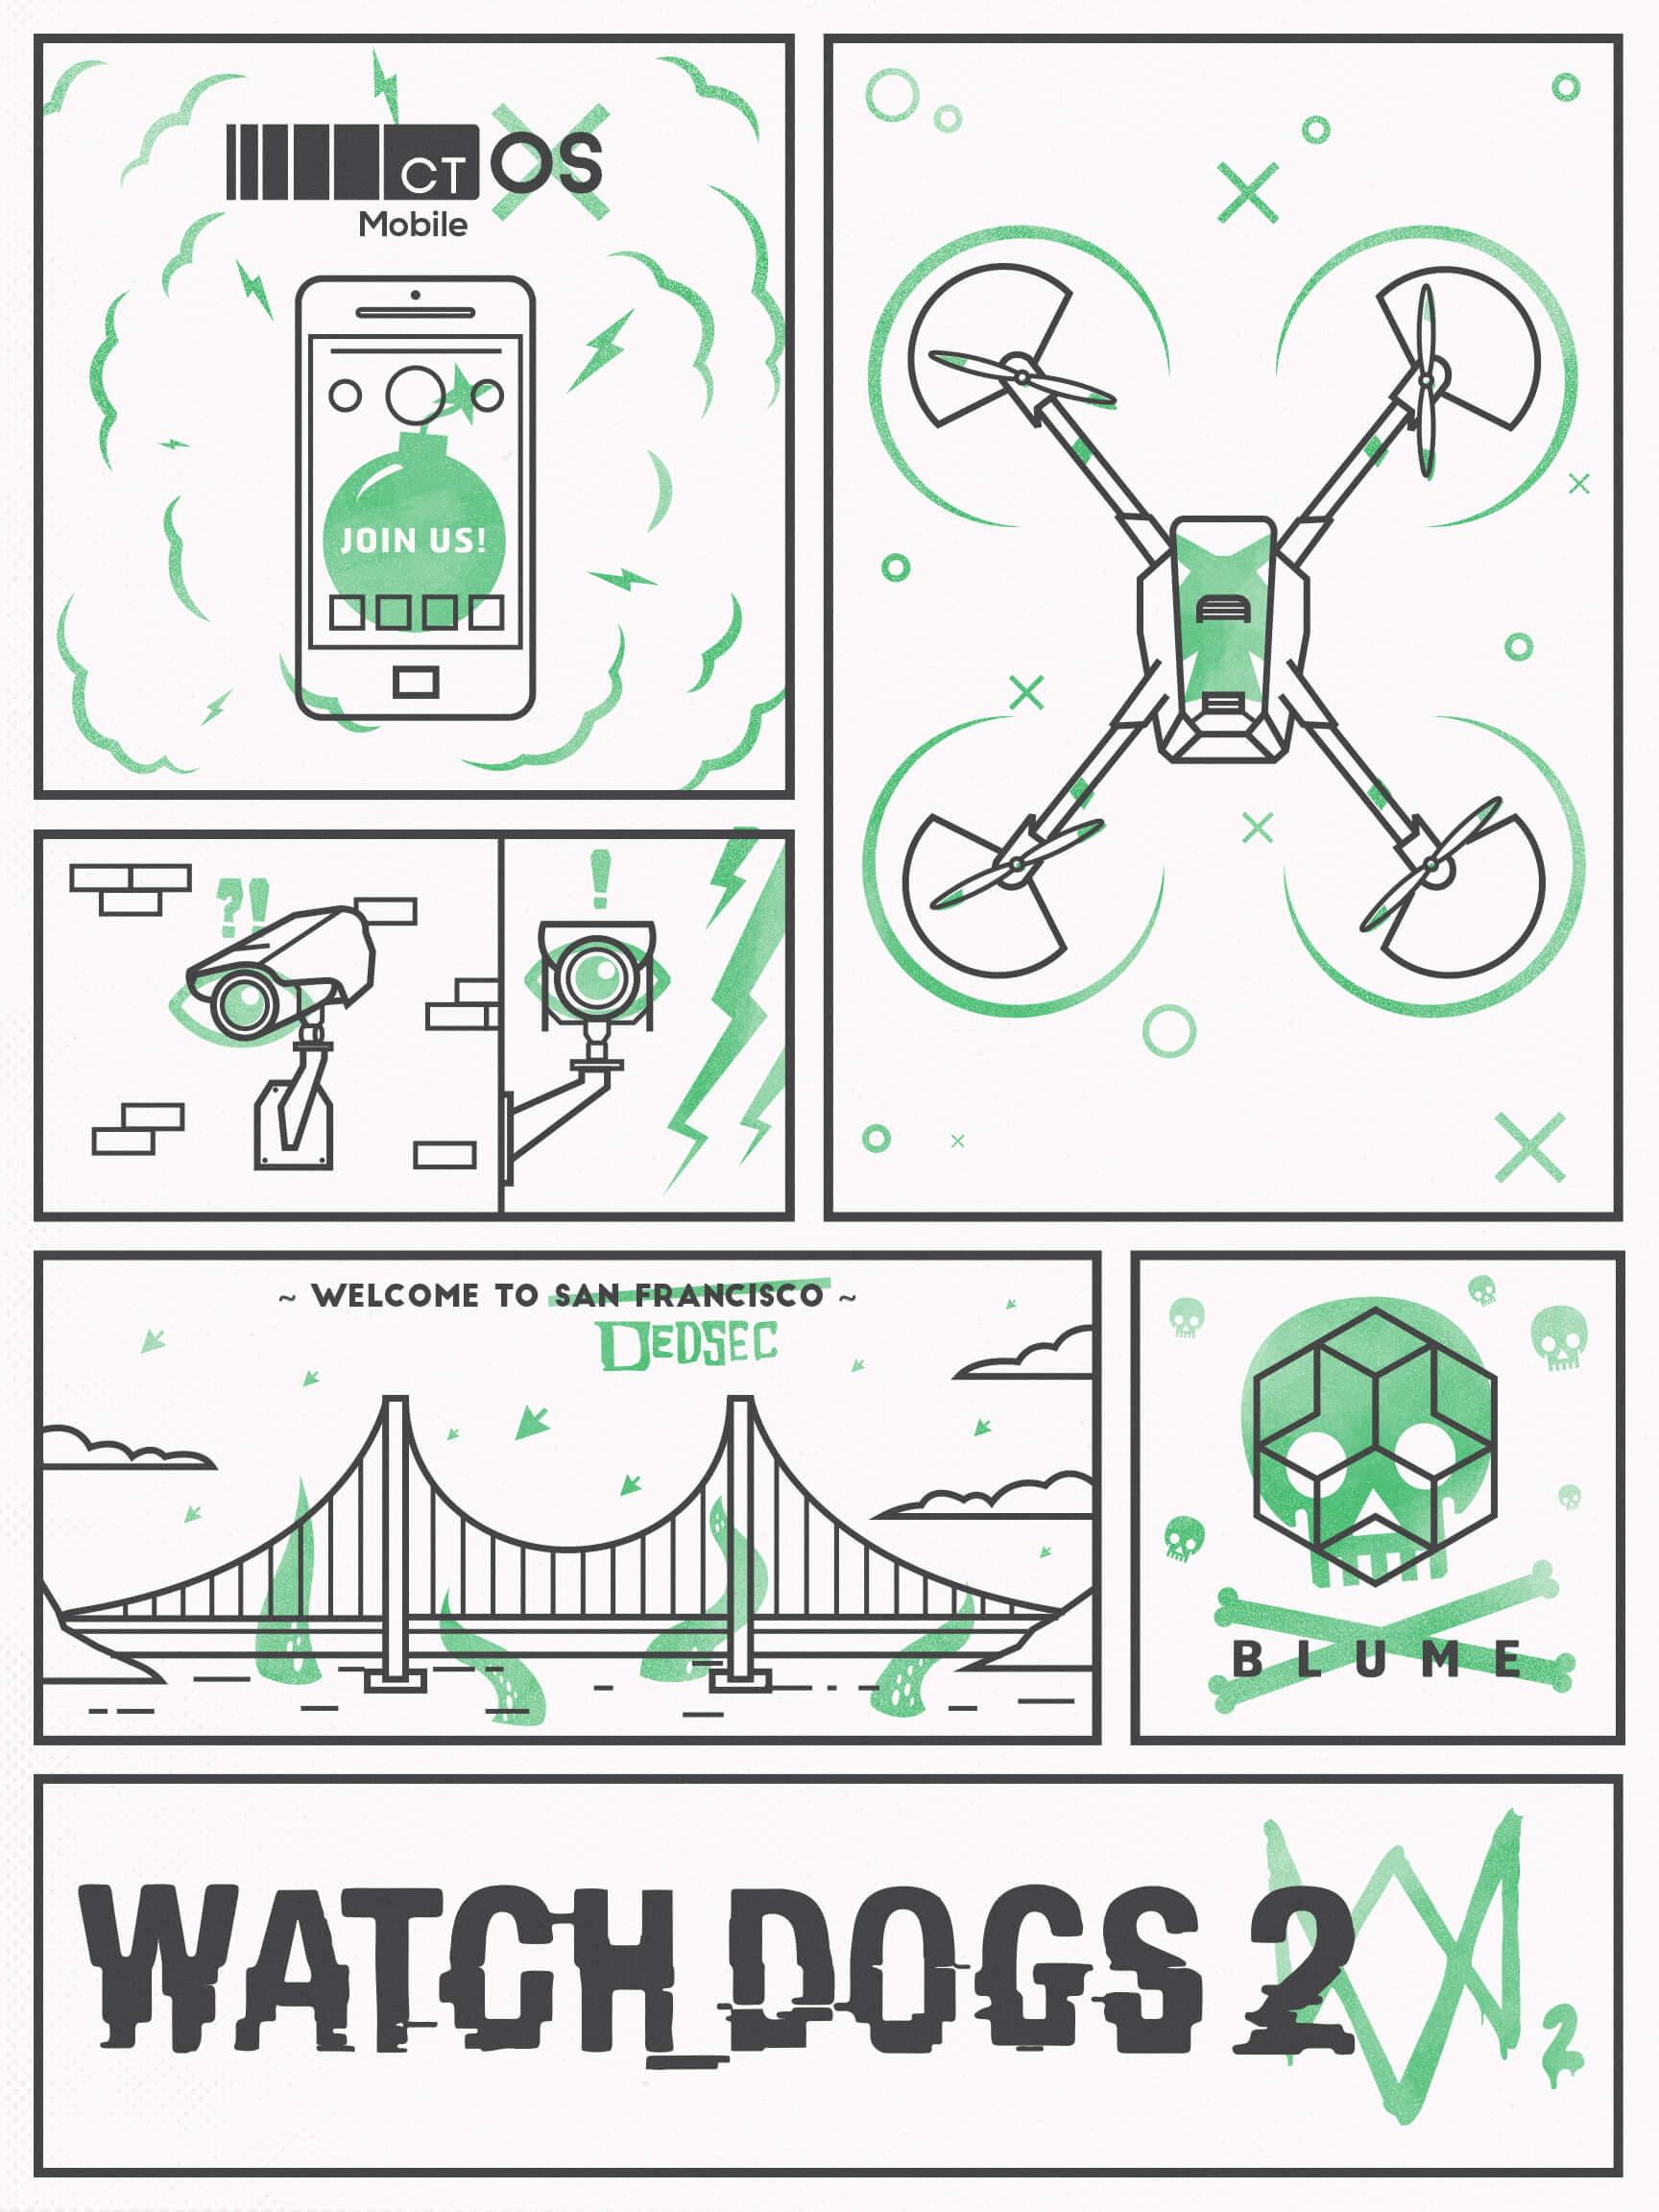 watchdogs2_poster_final_green